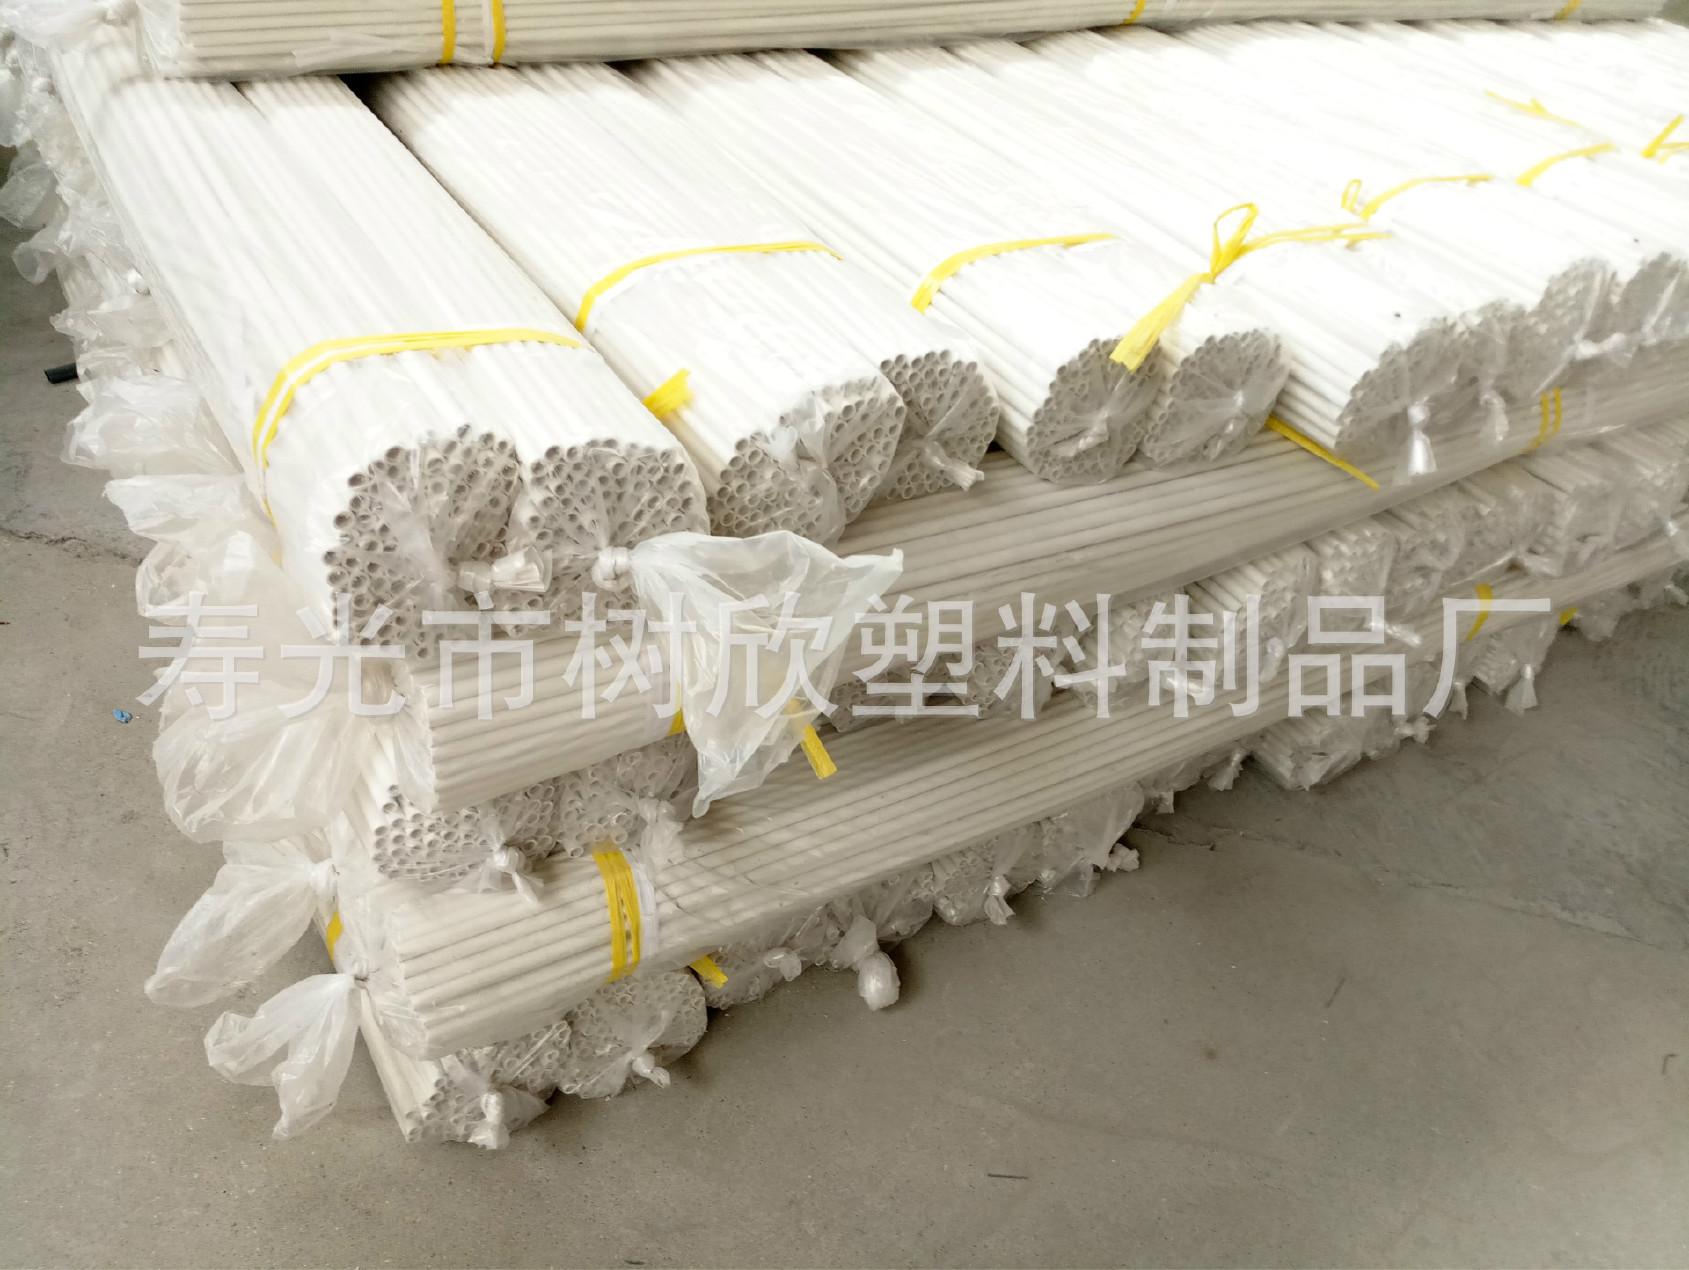 PVC塑料管 PVC硬管塑料管材 多规格厂家批发直销 PVC塑料管示例图41